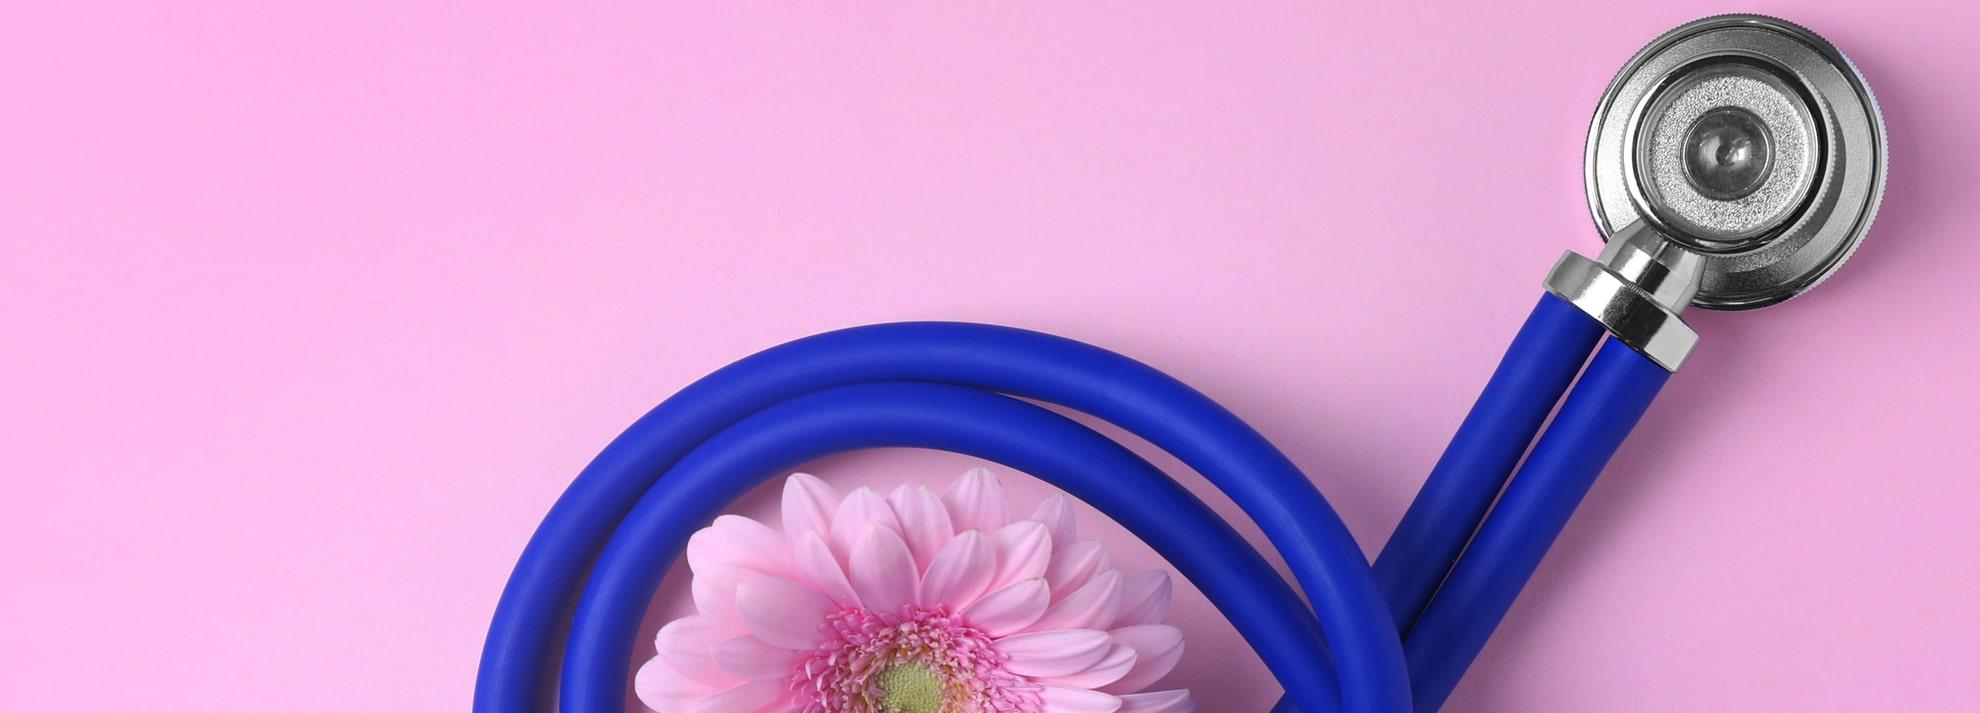 聴診器と花